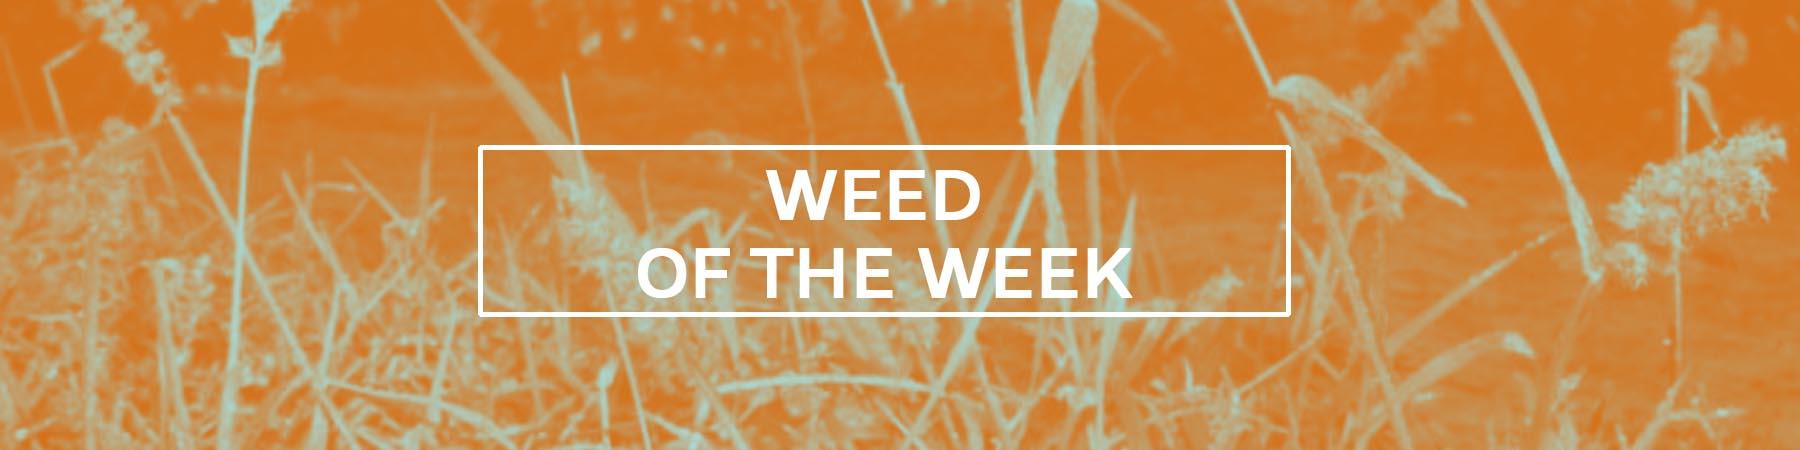 Weed of the Week